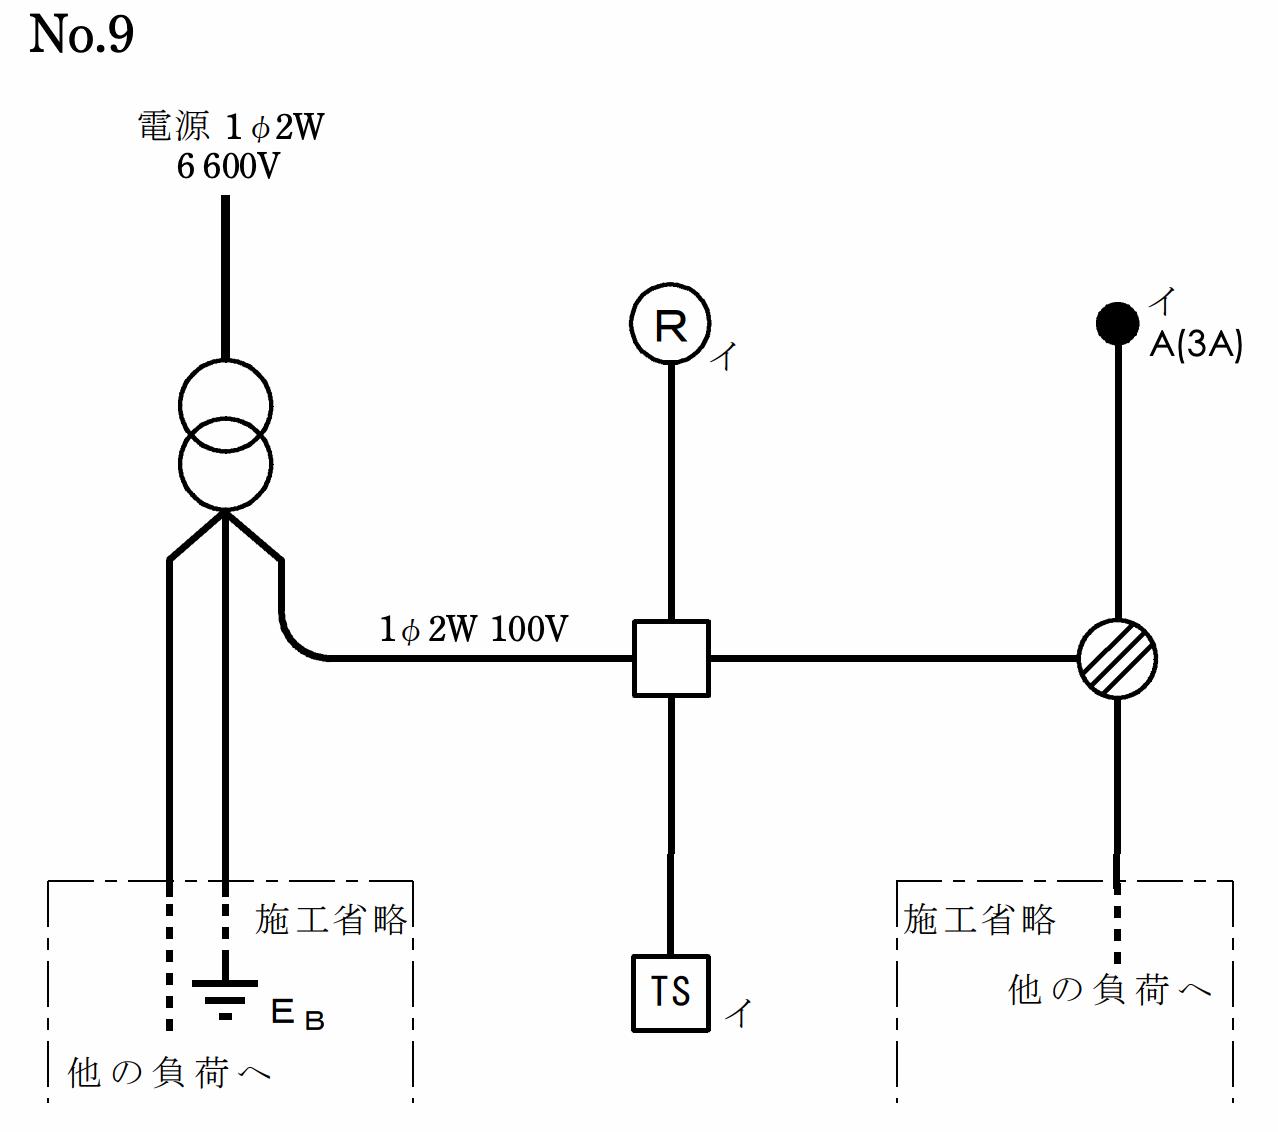 第一種電気工事士の技能試験の試験問題No.9の候補問題